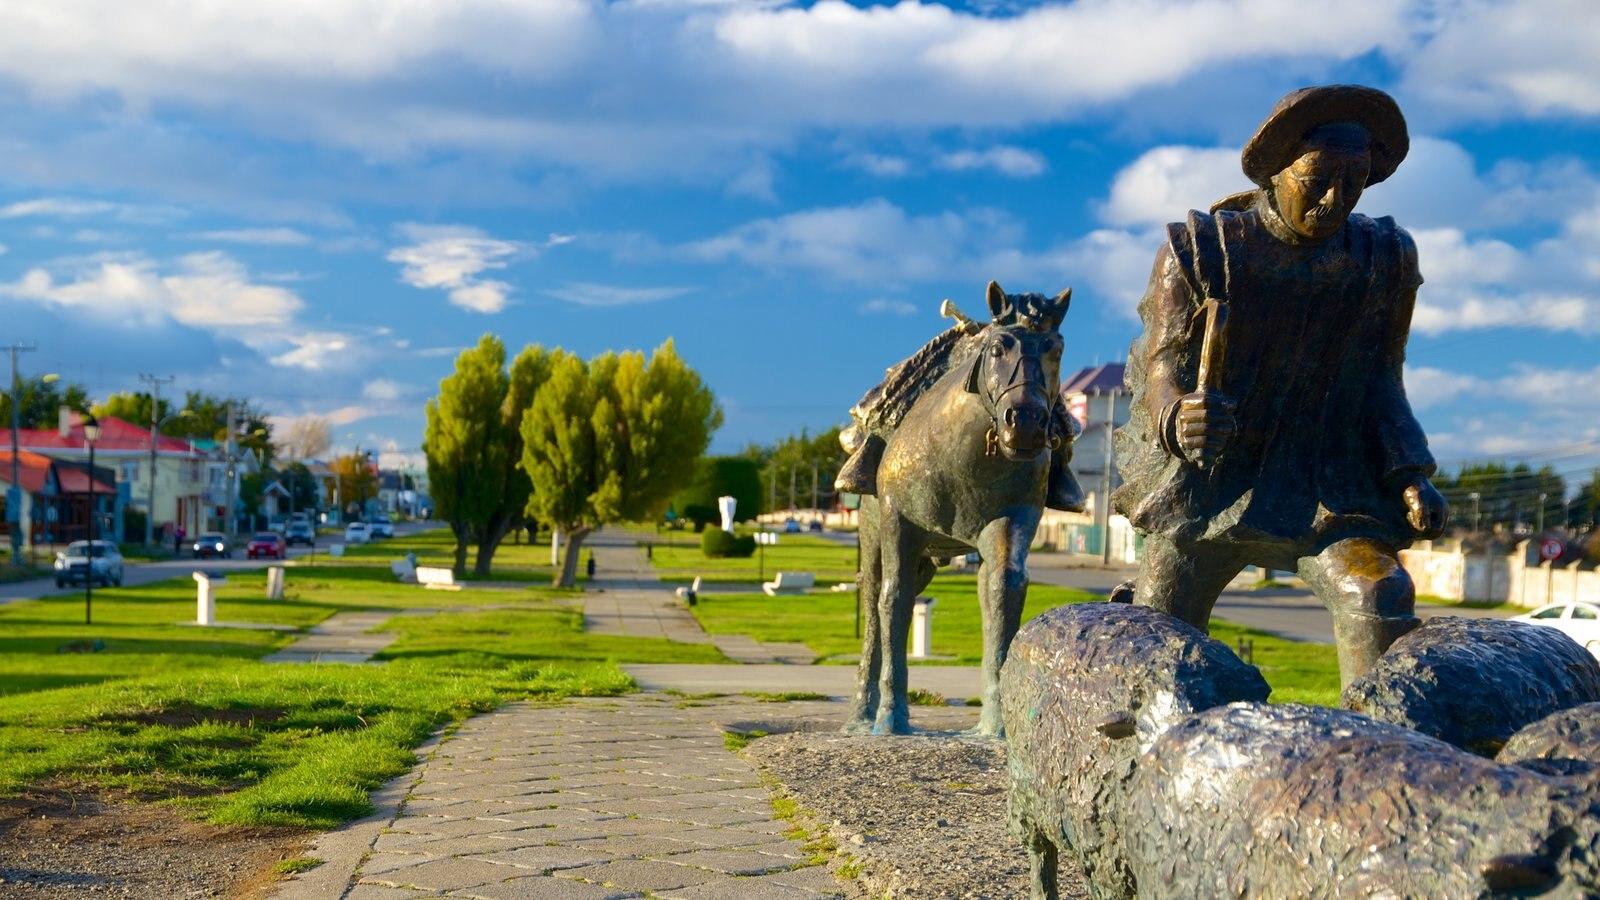 Monumento al Ovejero que inclui uma estátua ou escultura